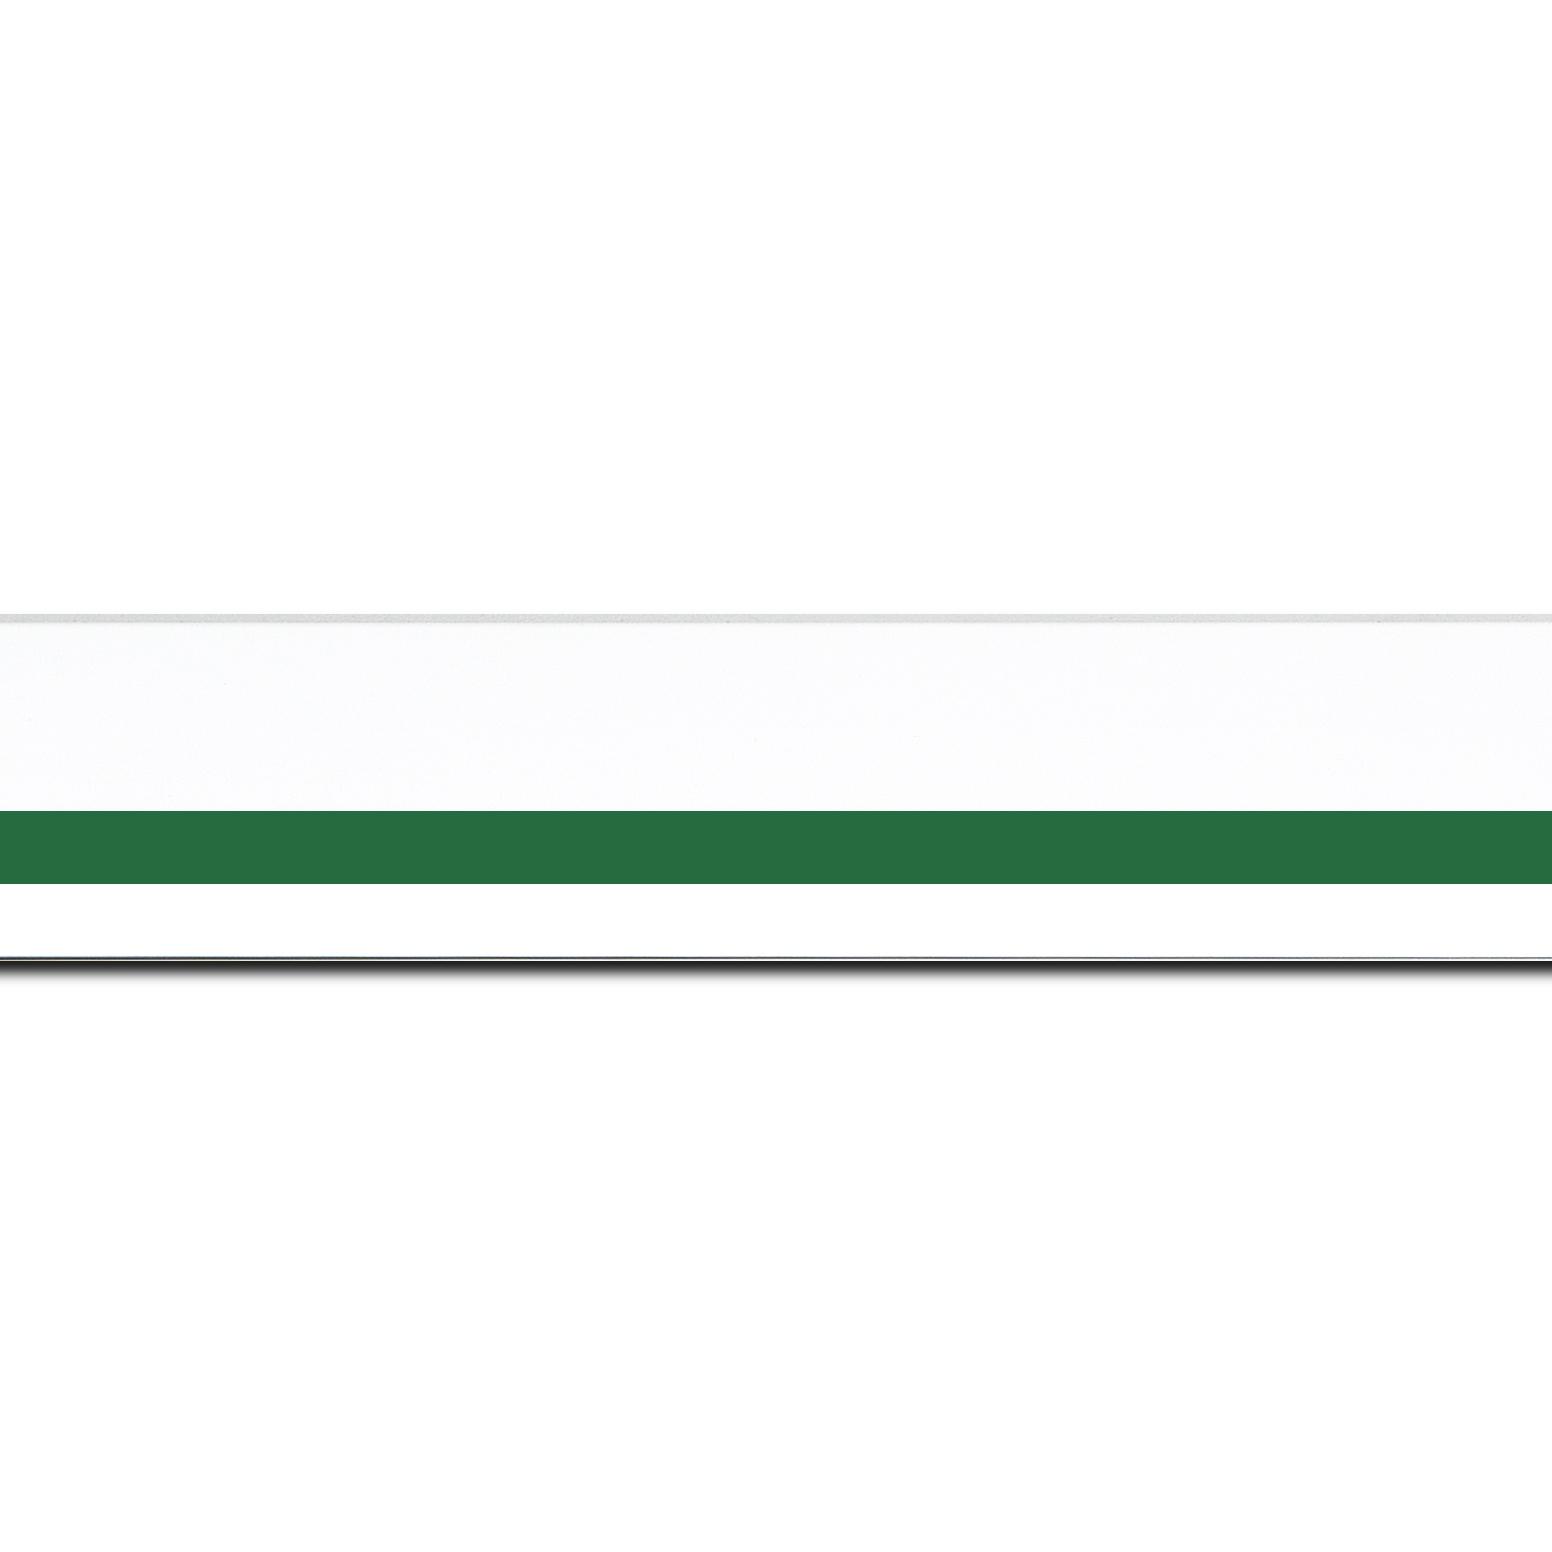 Pack par 12m, bois profil pente largeur 4.5cm de couleur blanc mat filet vert (longueur baguette pouvant varier entre 2.40m et 3m selon arrivage des bois)